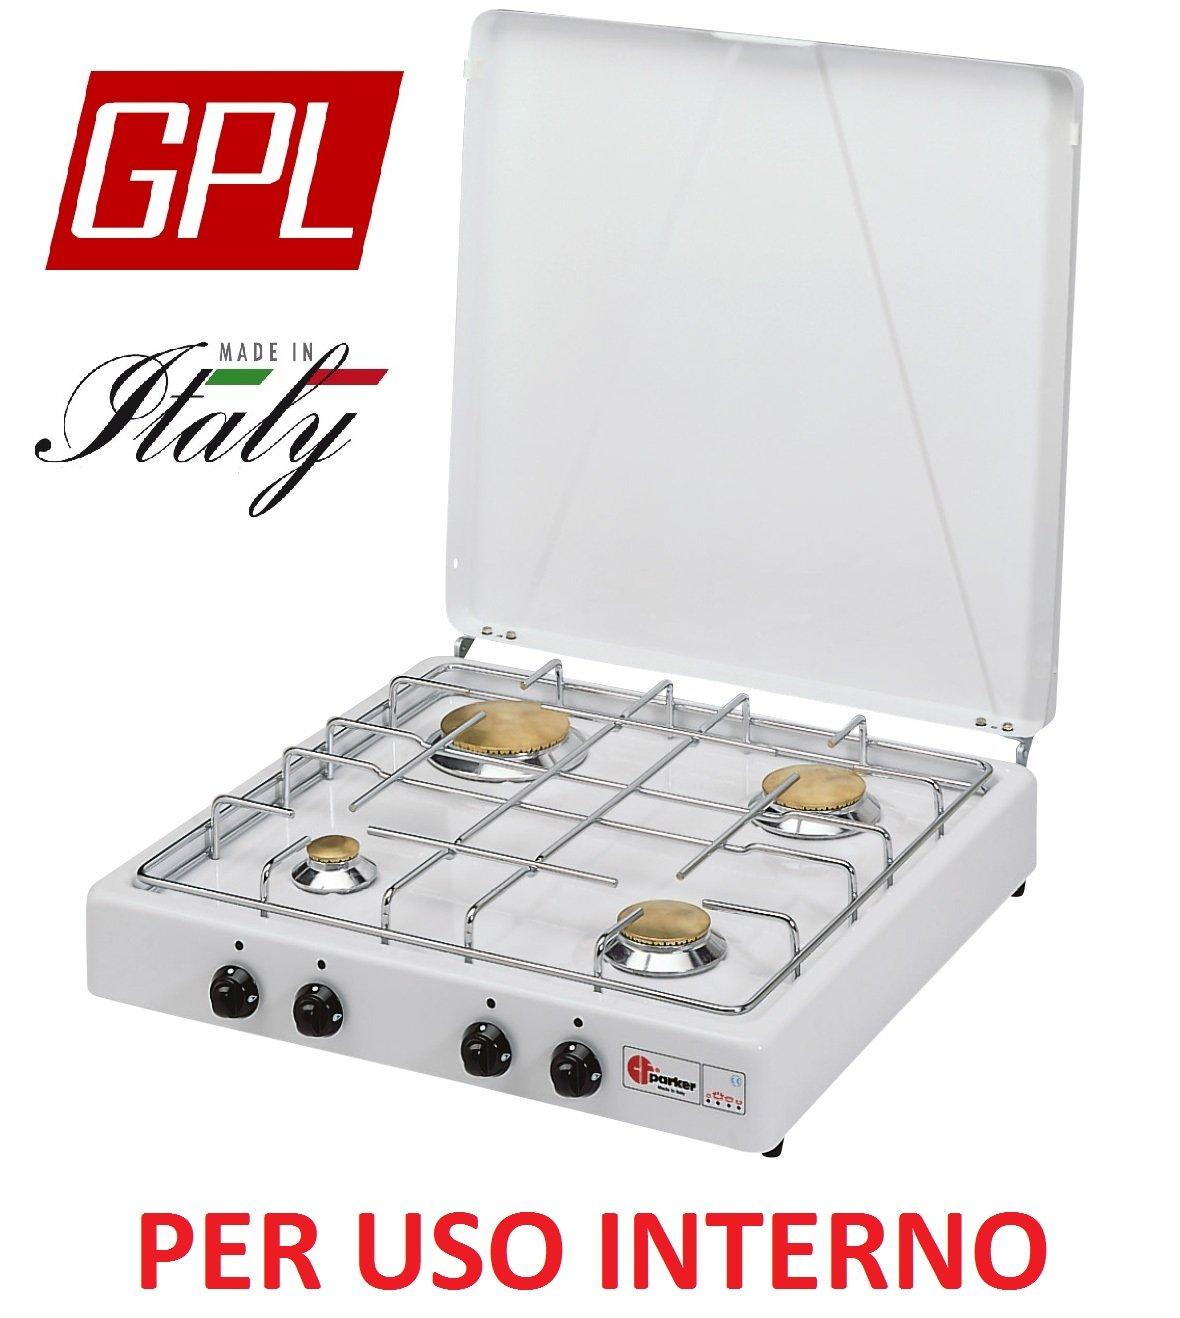 Gaskocher sicherheitsöffnungsventil Parker A GAS GPL (Gas in Gasflaschen) mit 4 flammig Farbe Weiß und Schwarz – für Verwendung Innen -